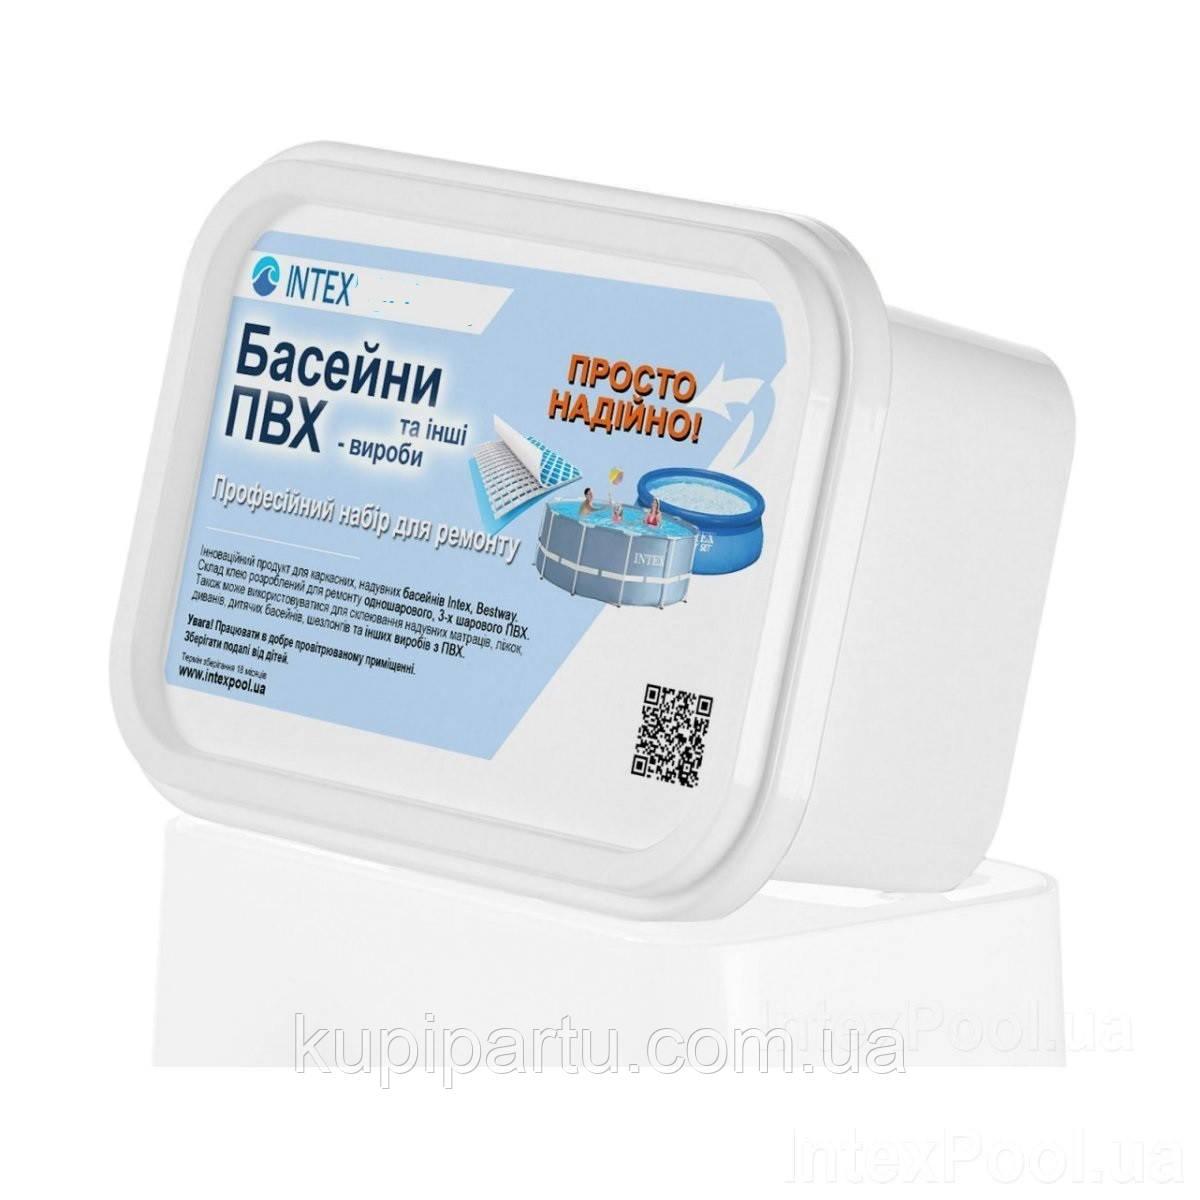 Ремонтный набор MAX IntexPool 3390 для бассейнов (каркасных, надувных)